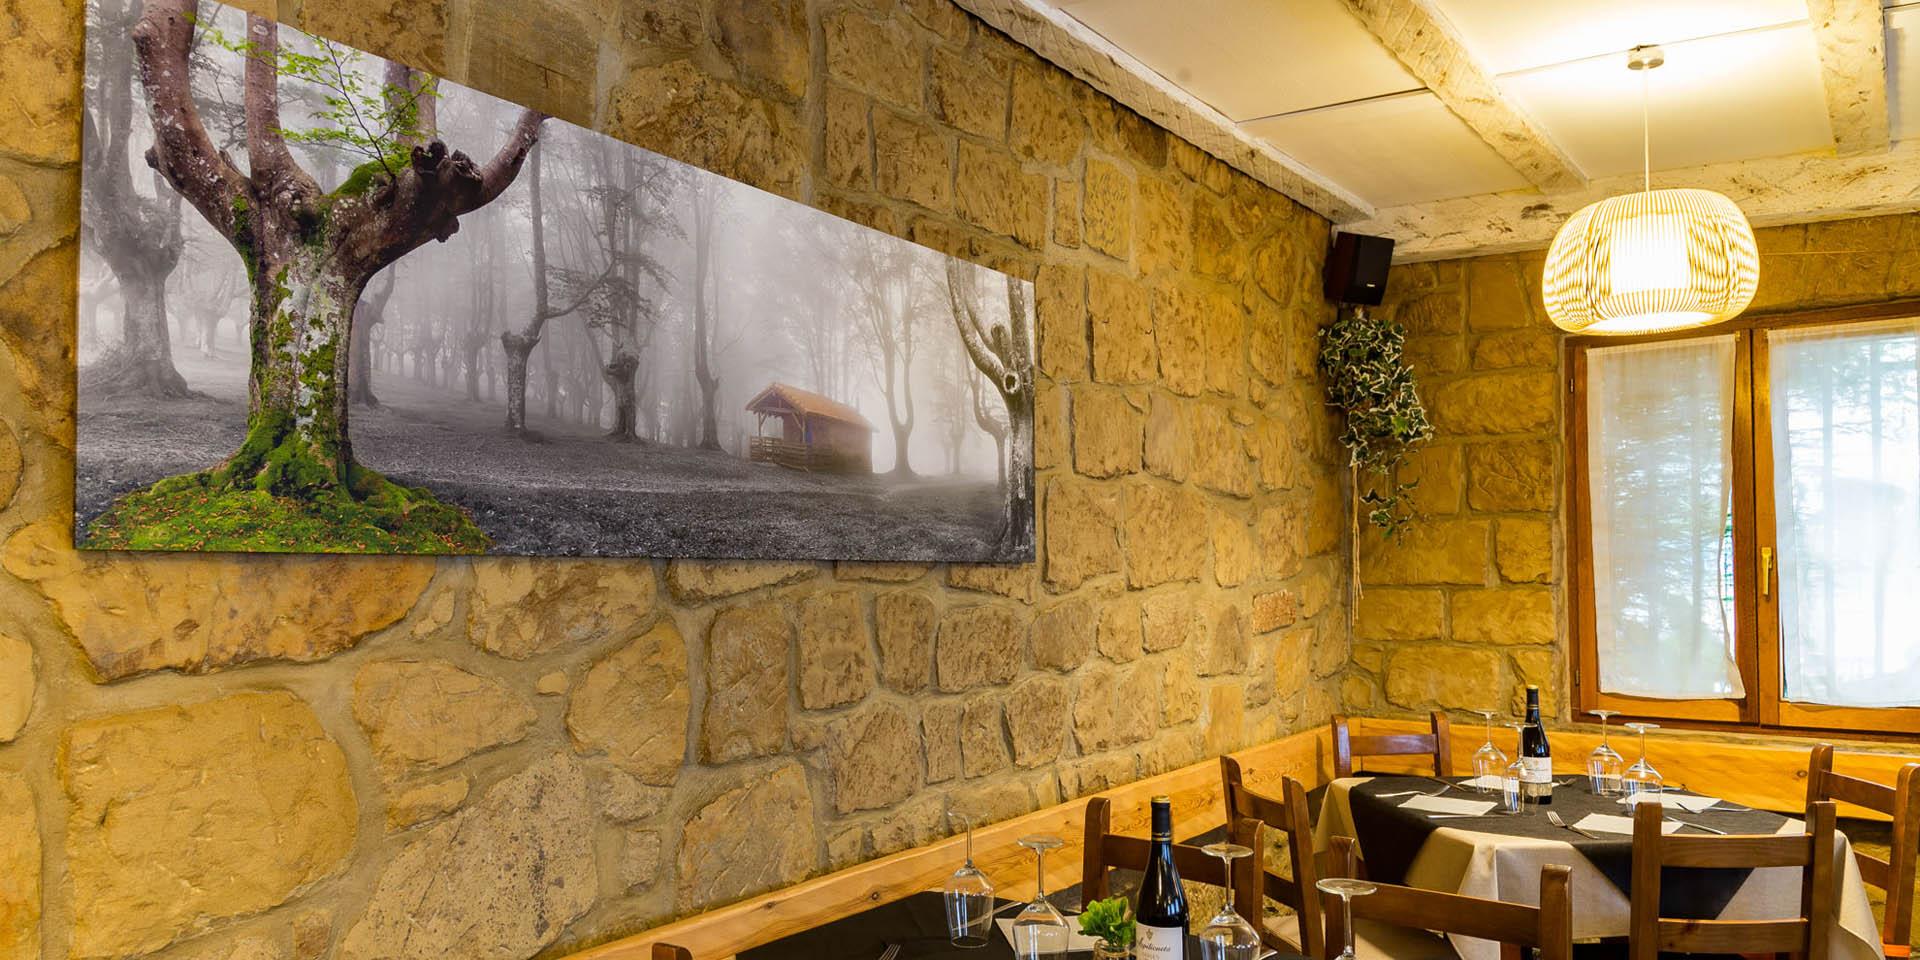 180713 Restaurante Etxe-Nagusi Igeldo07